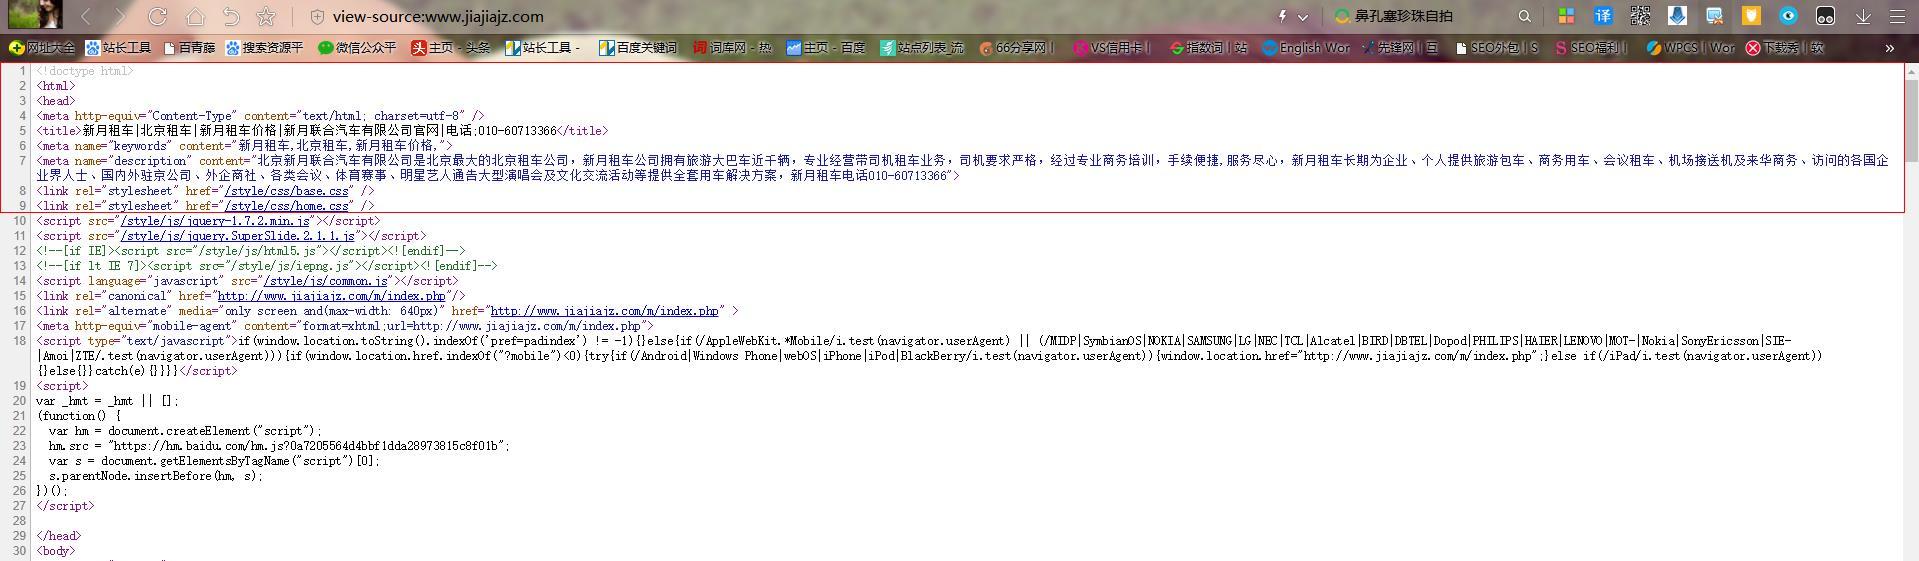 织梦网站被黑挂恶意代码,快速定位问题文件与相关代码